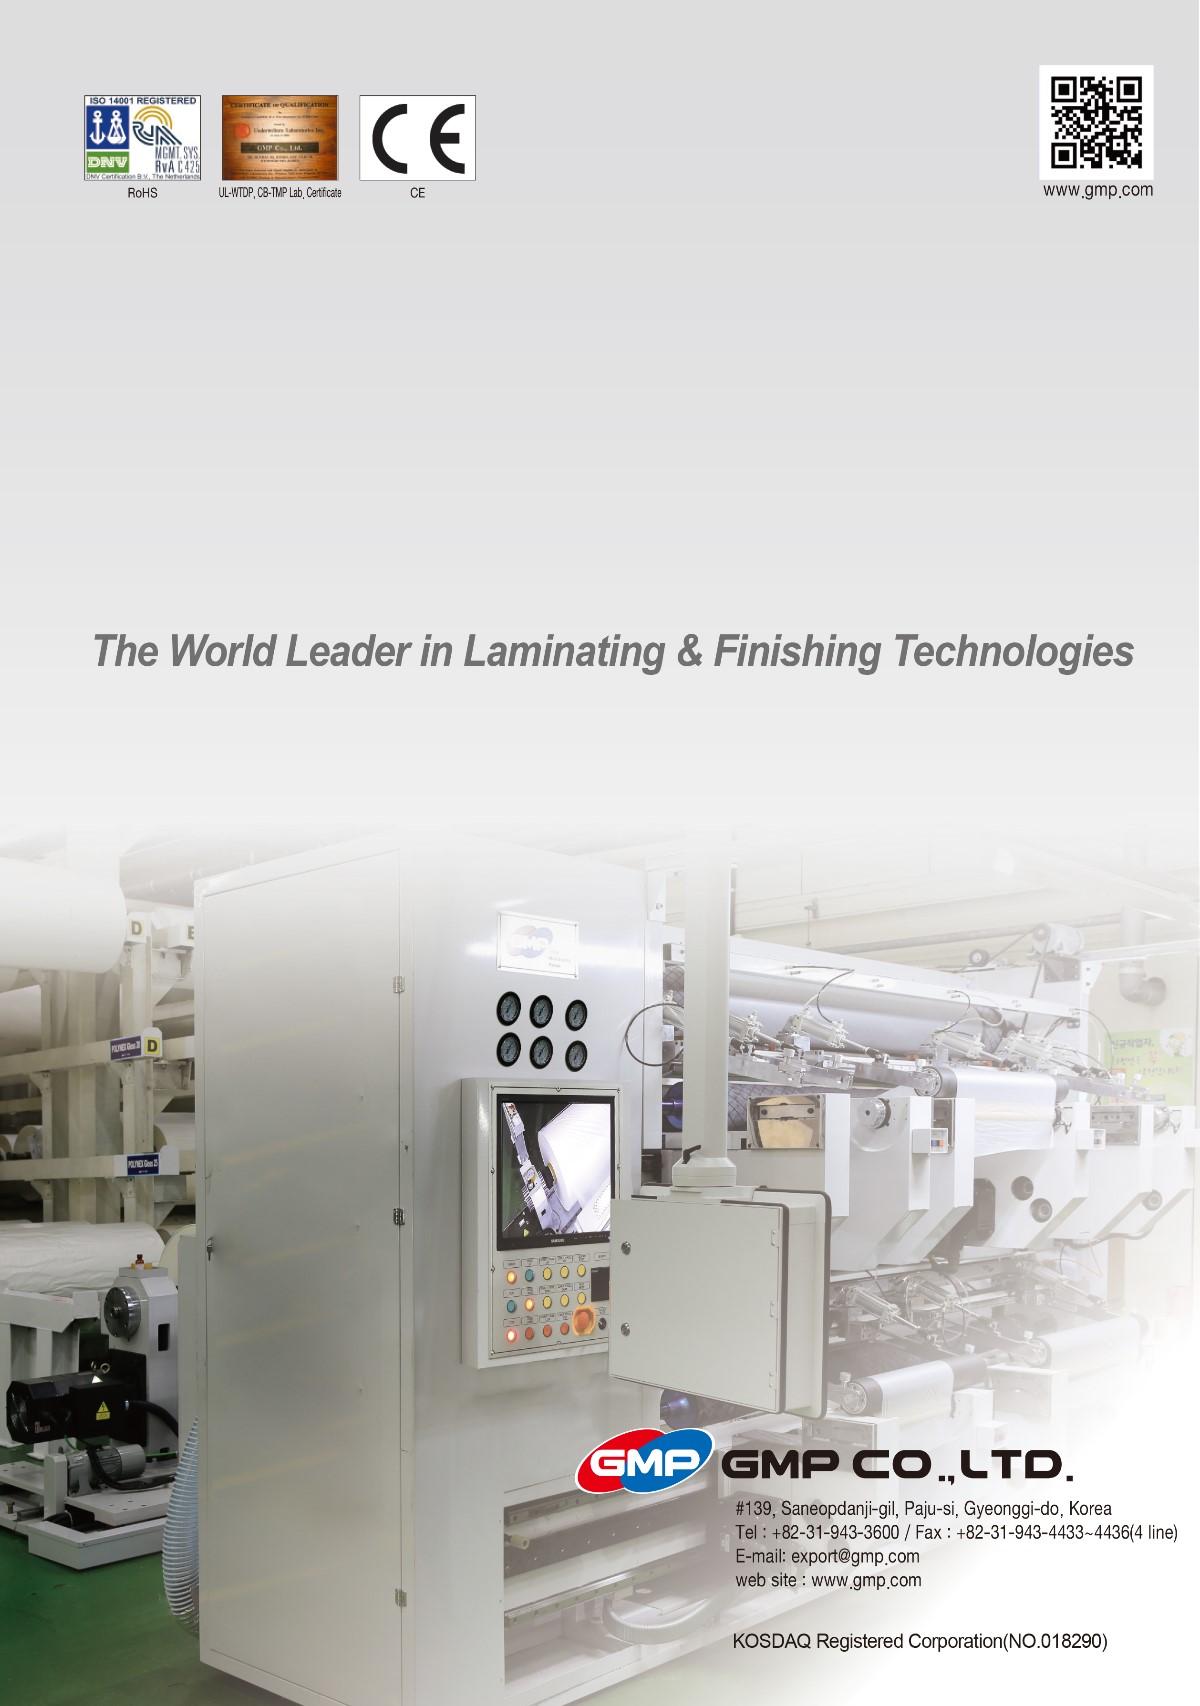 Industrial_machinery-8.jpg